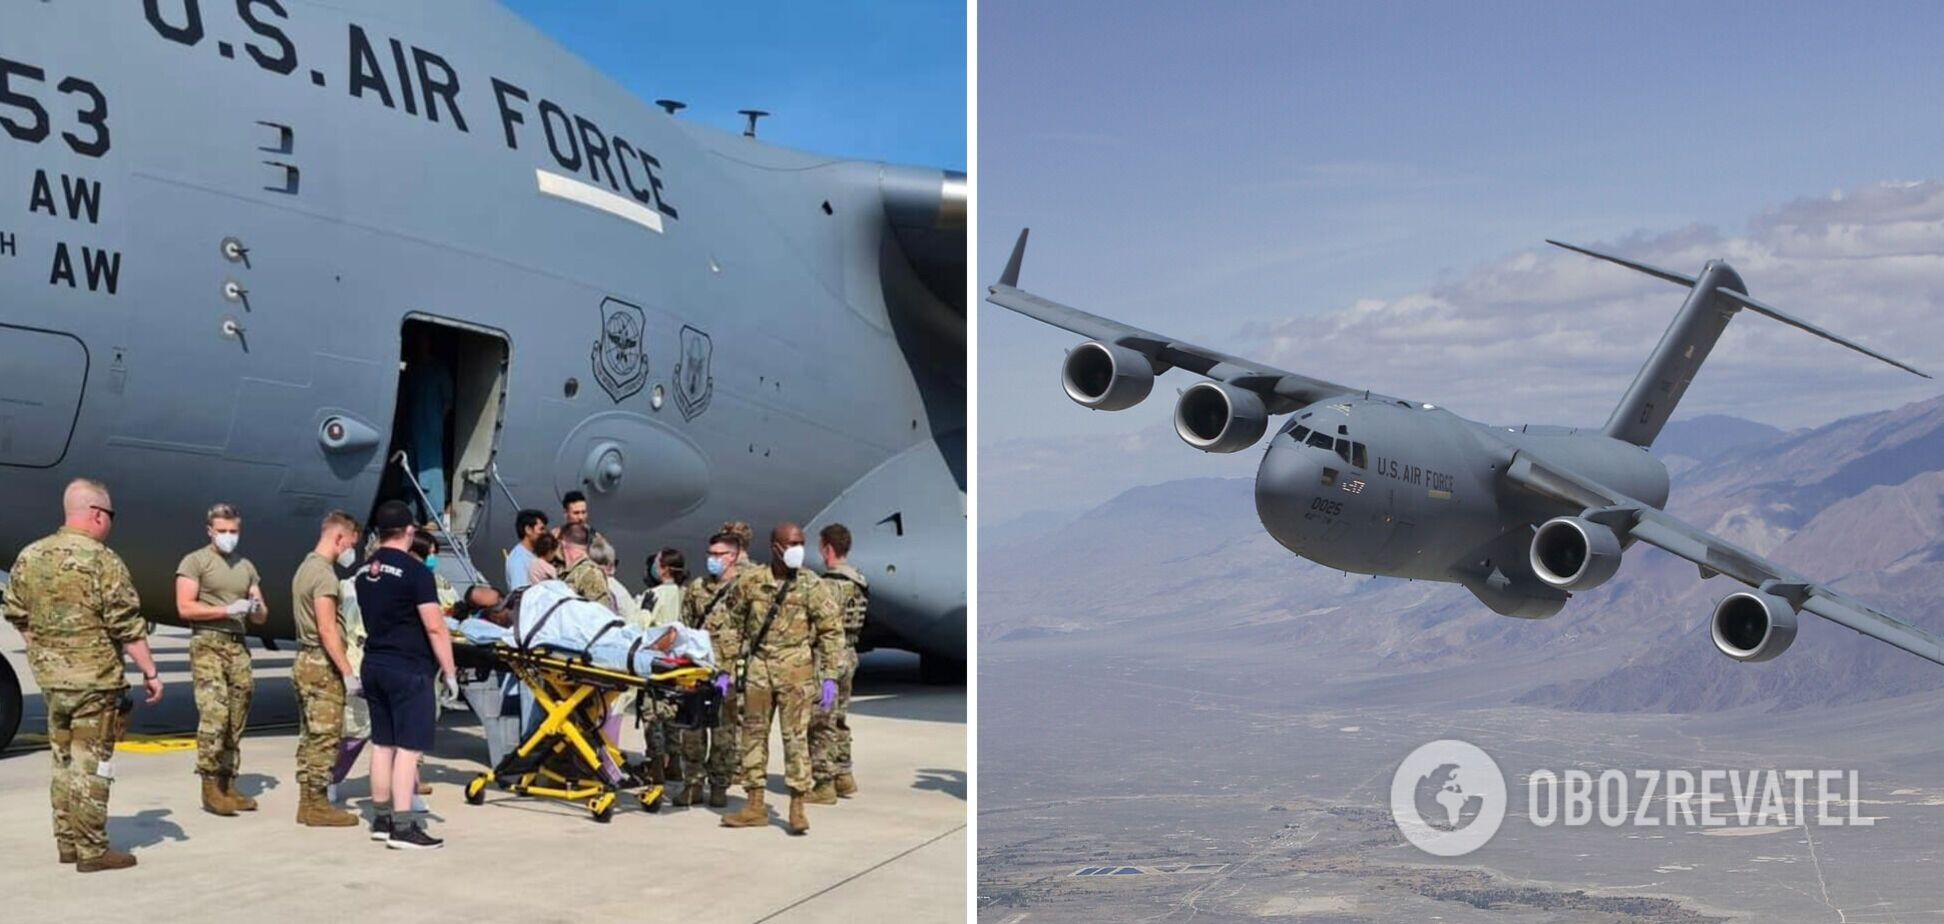 Афганська біженка народила на борту літака: пілотам довелося знизити висоту для її порятунку